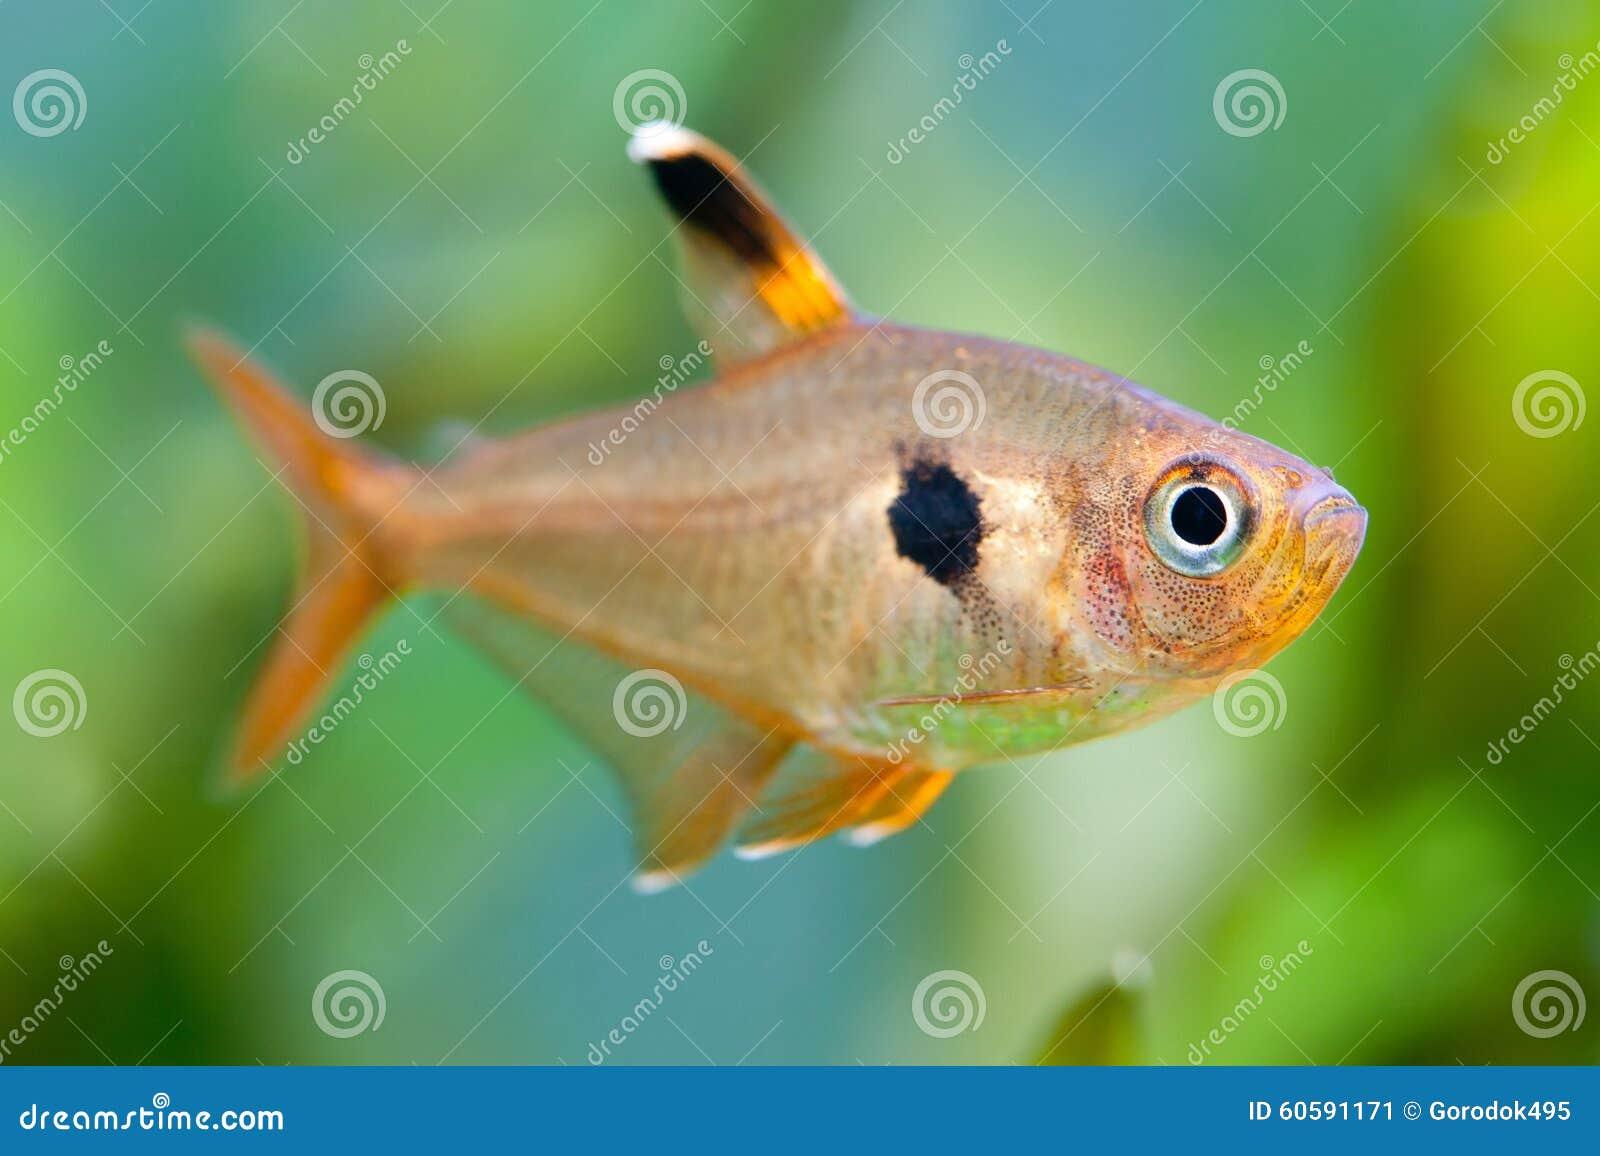 Poissons d 39 aquarium rosy tetra r servoir d 39 eau douce un for Aquarium poisson rouge changer l eau